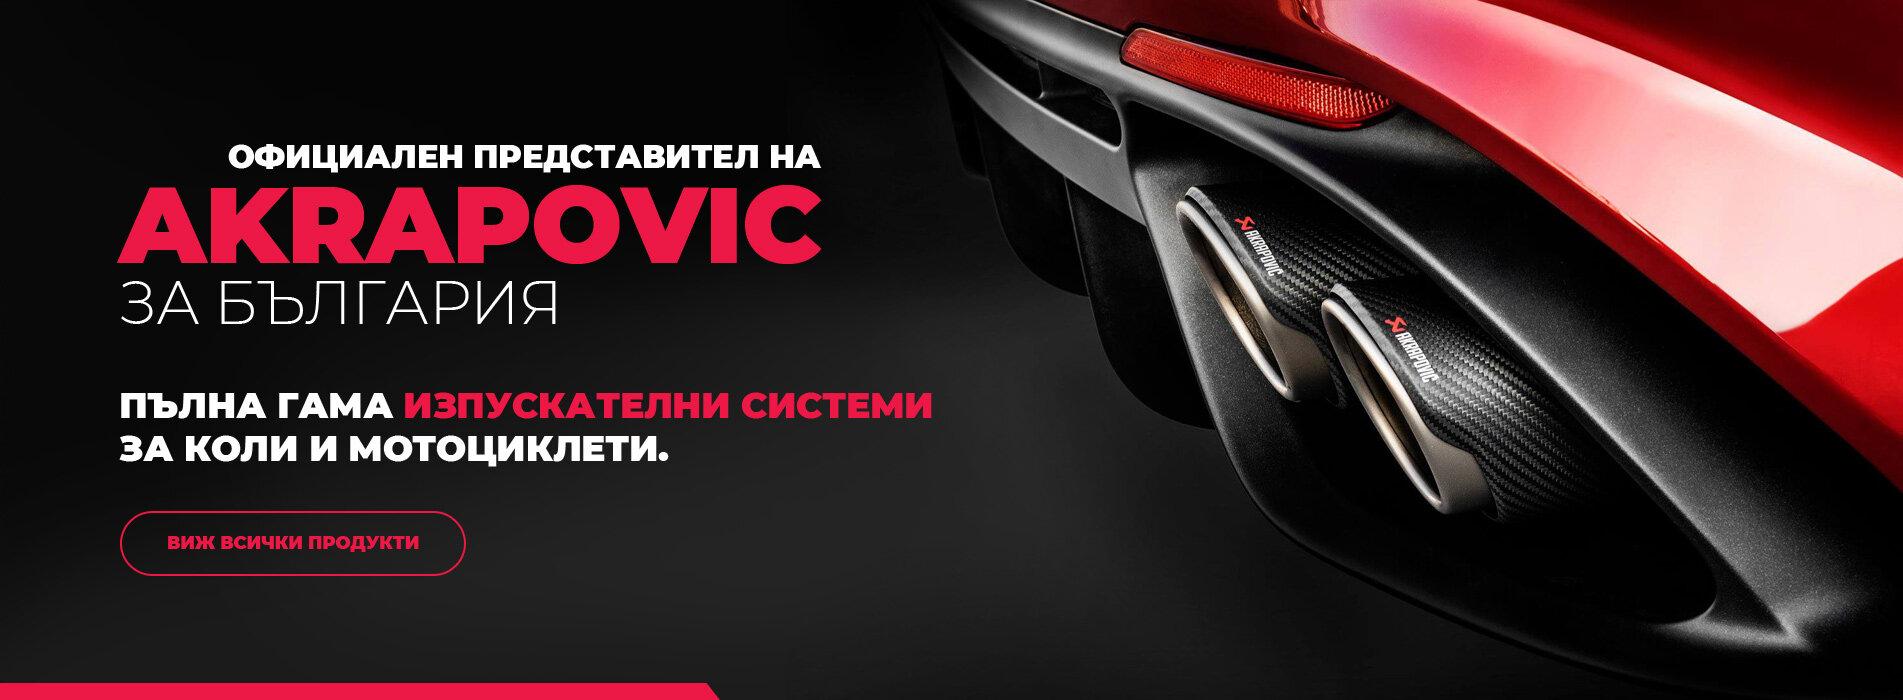 Akrapovic CAR